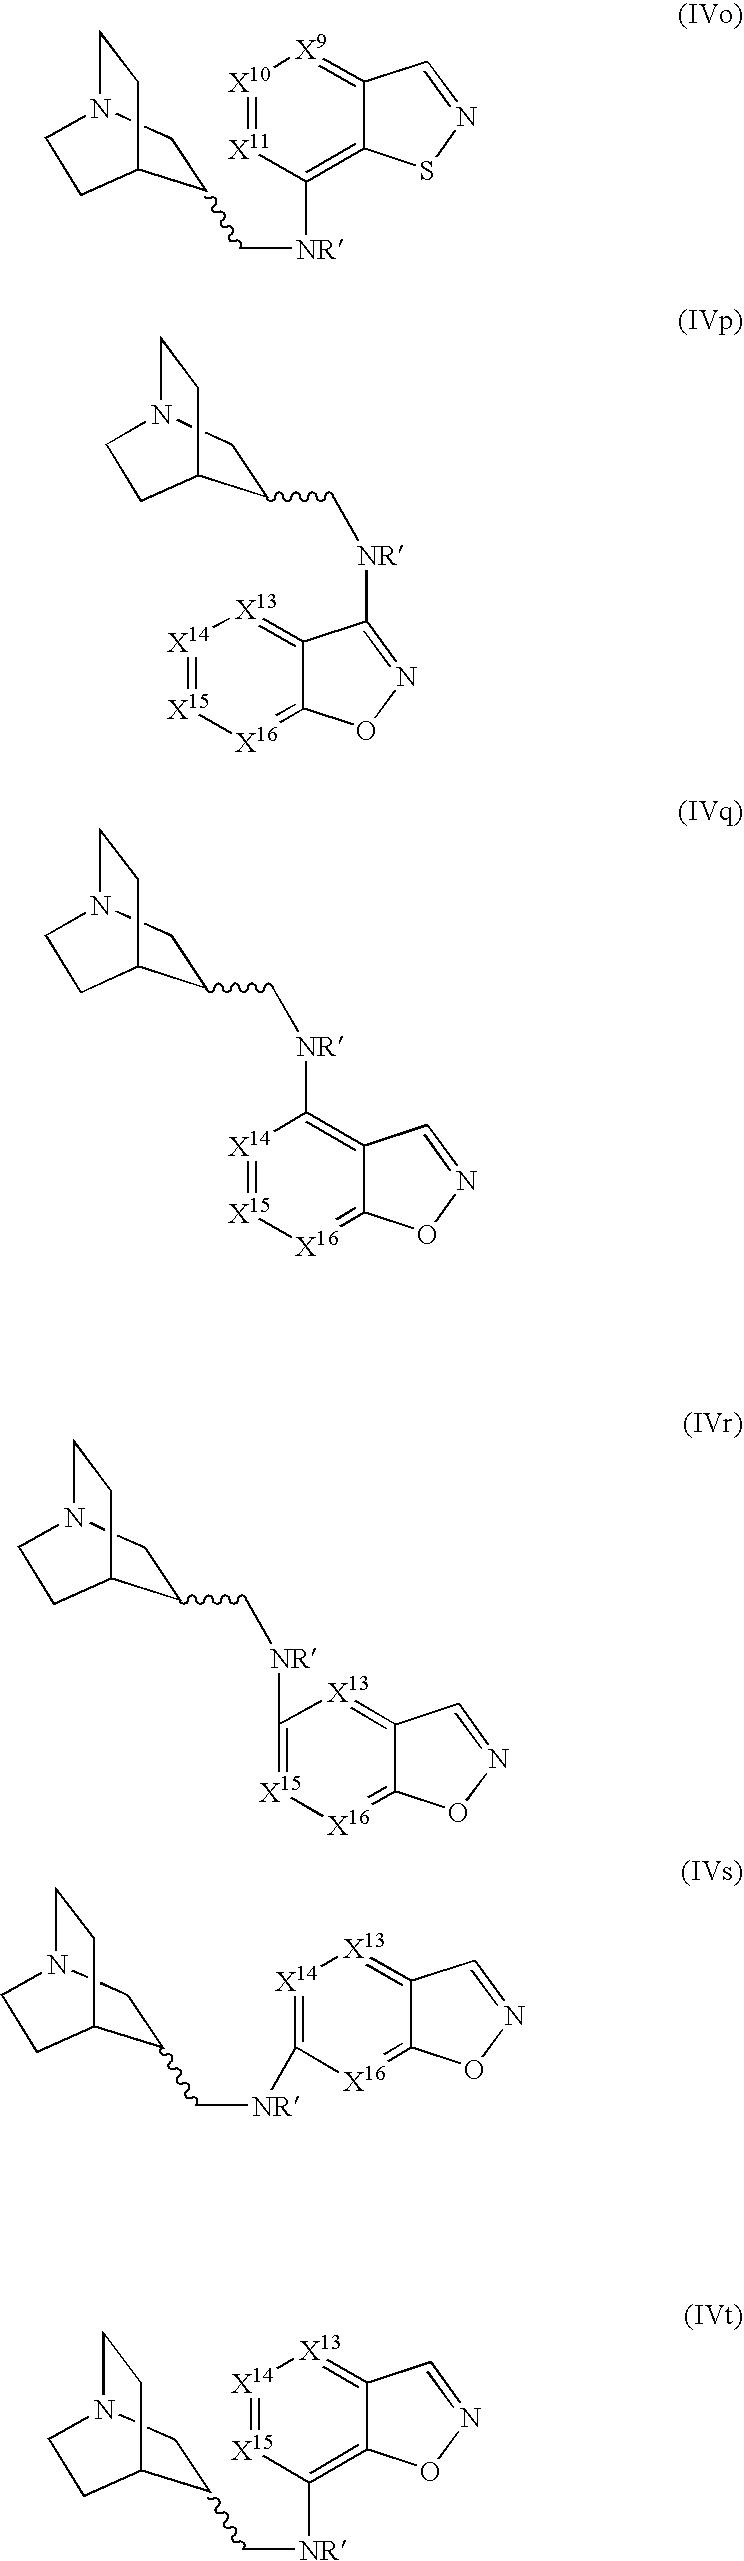 Figure US08106066-20120131-C00026